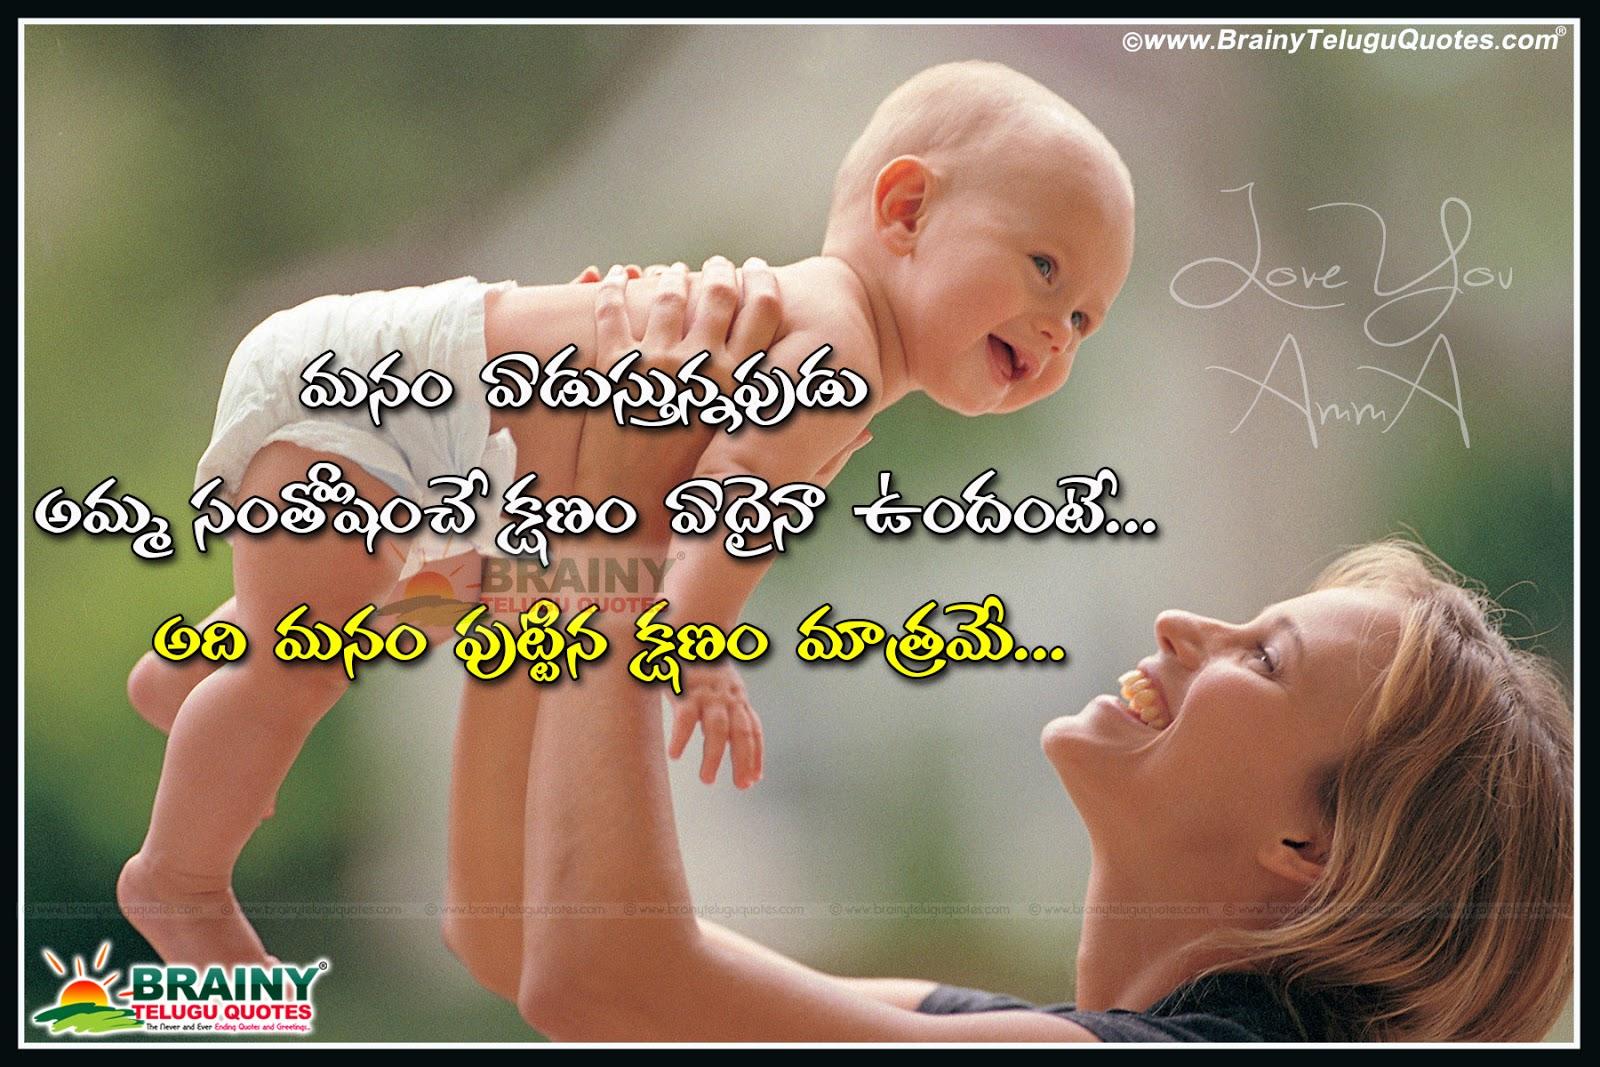 Divine Mother Telugu Quotes Quotes